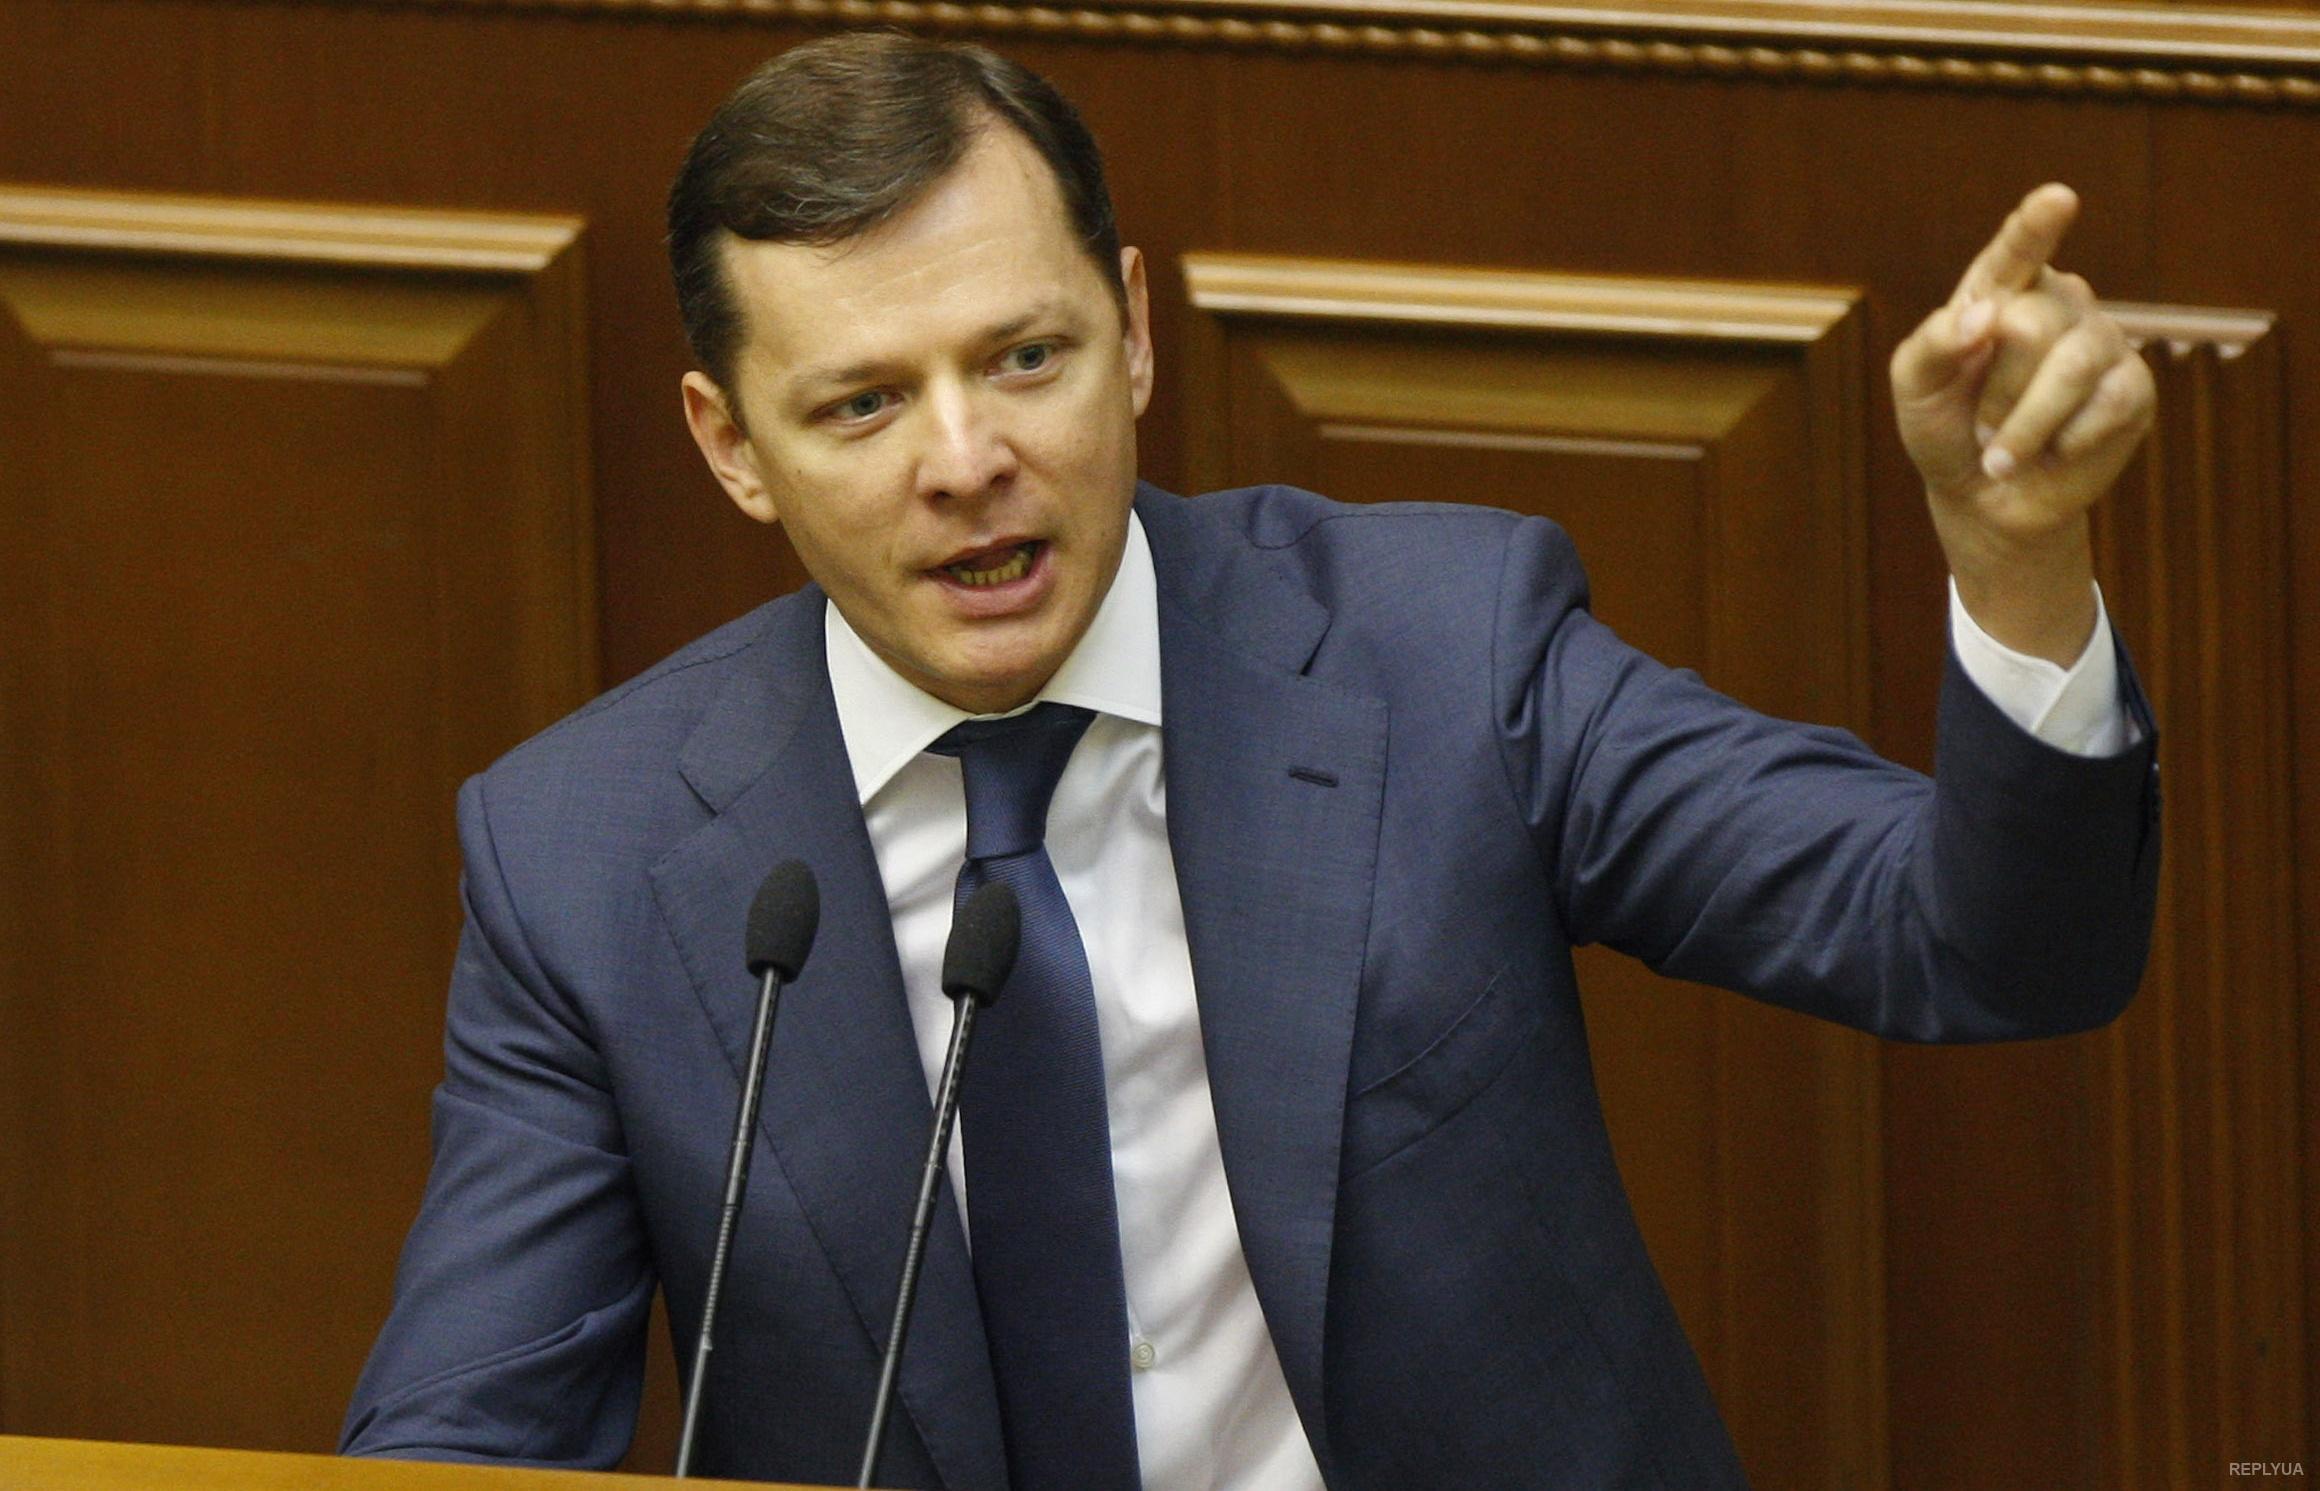 """Комментарий """"главной скотыняки"""" Украины об отставке Саакашвили вызвал резкую критику в сети"""